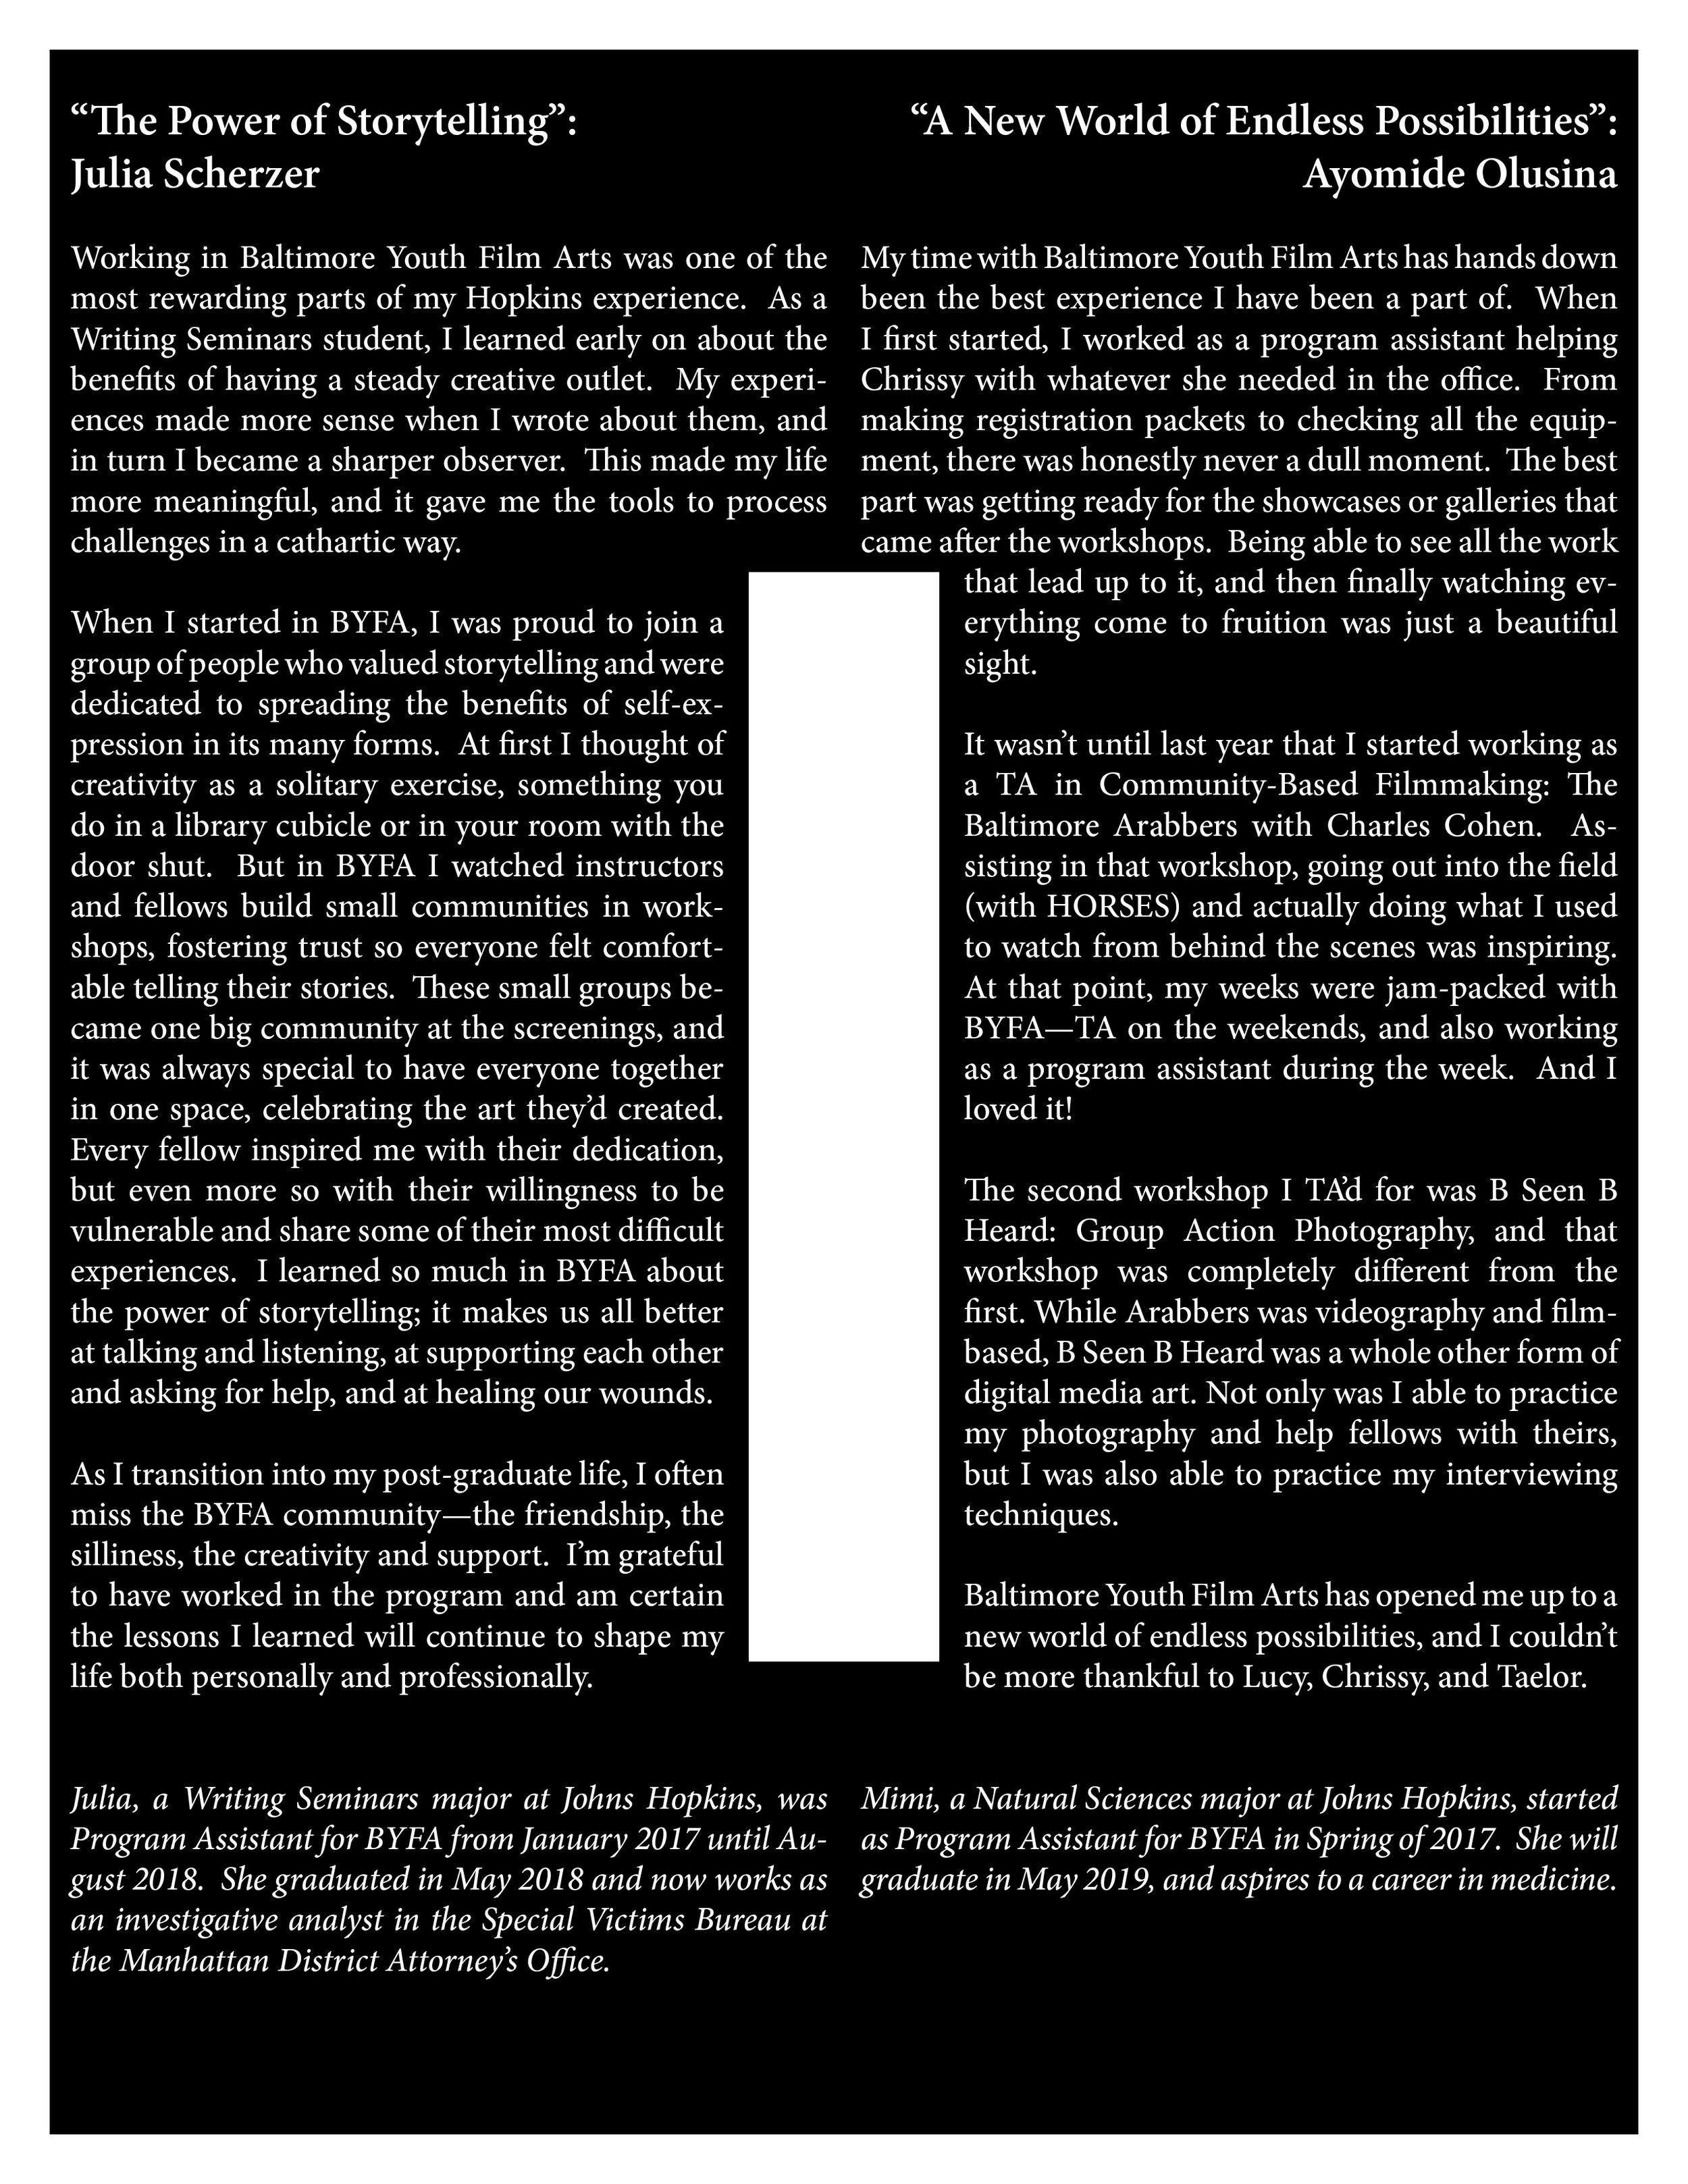 Newsletter_Issue1_6.jpg